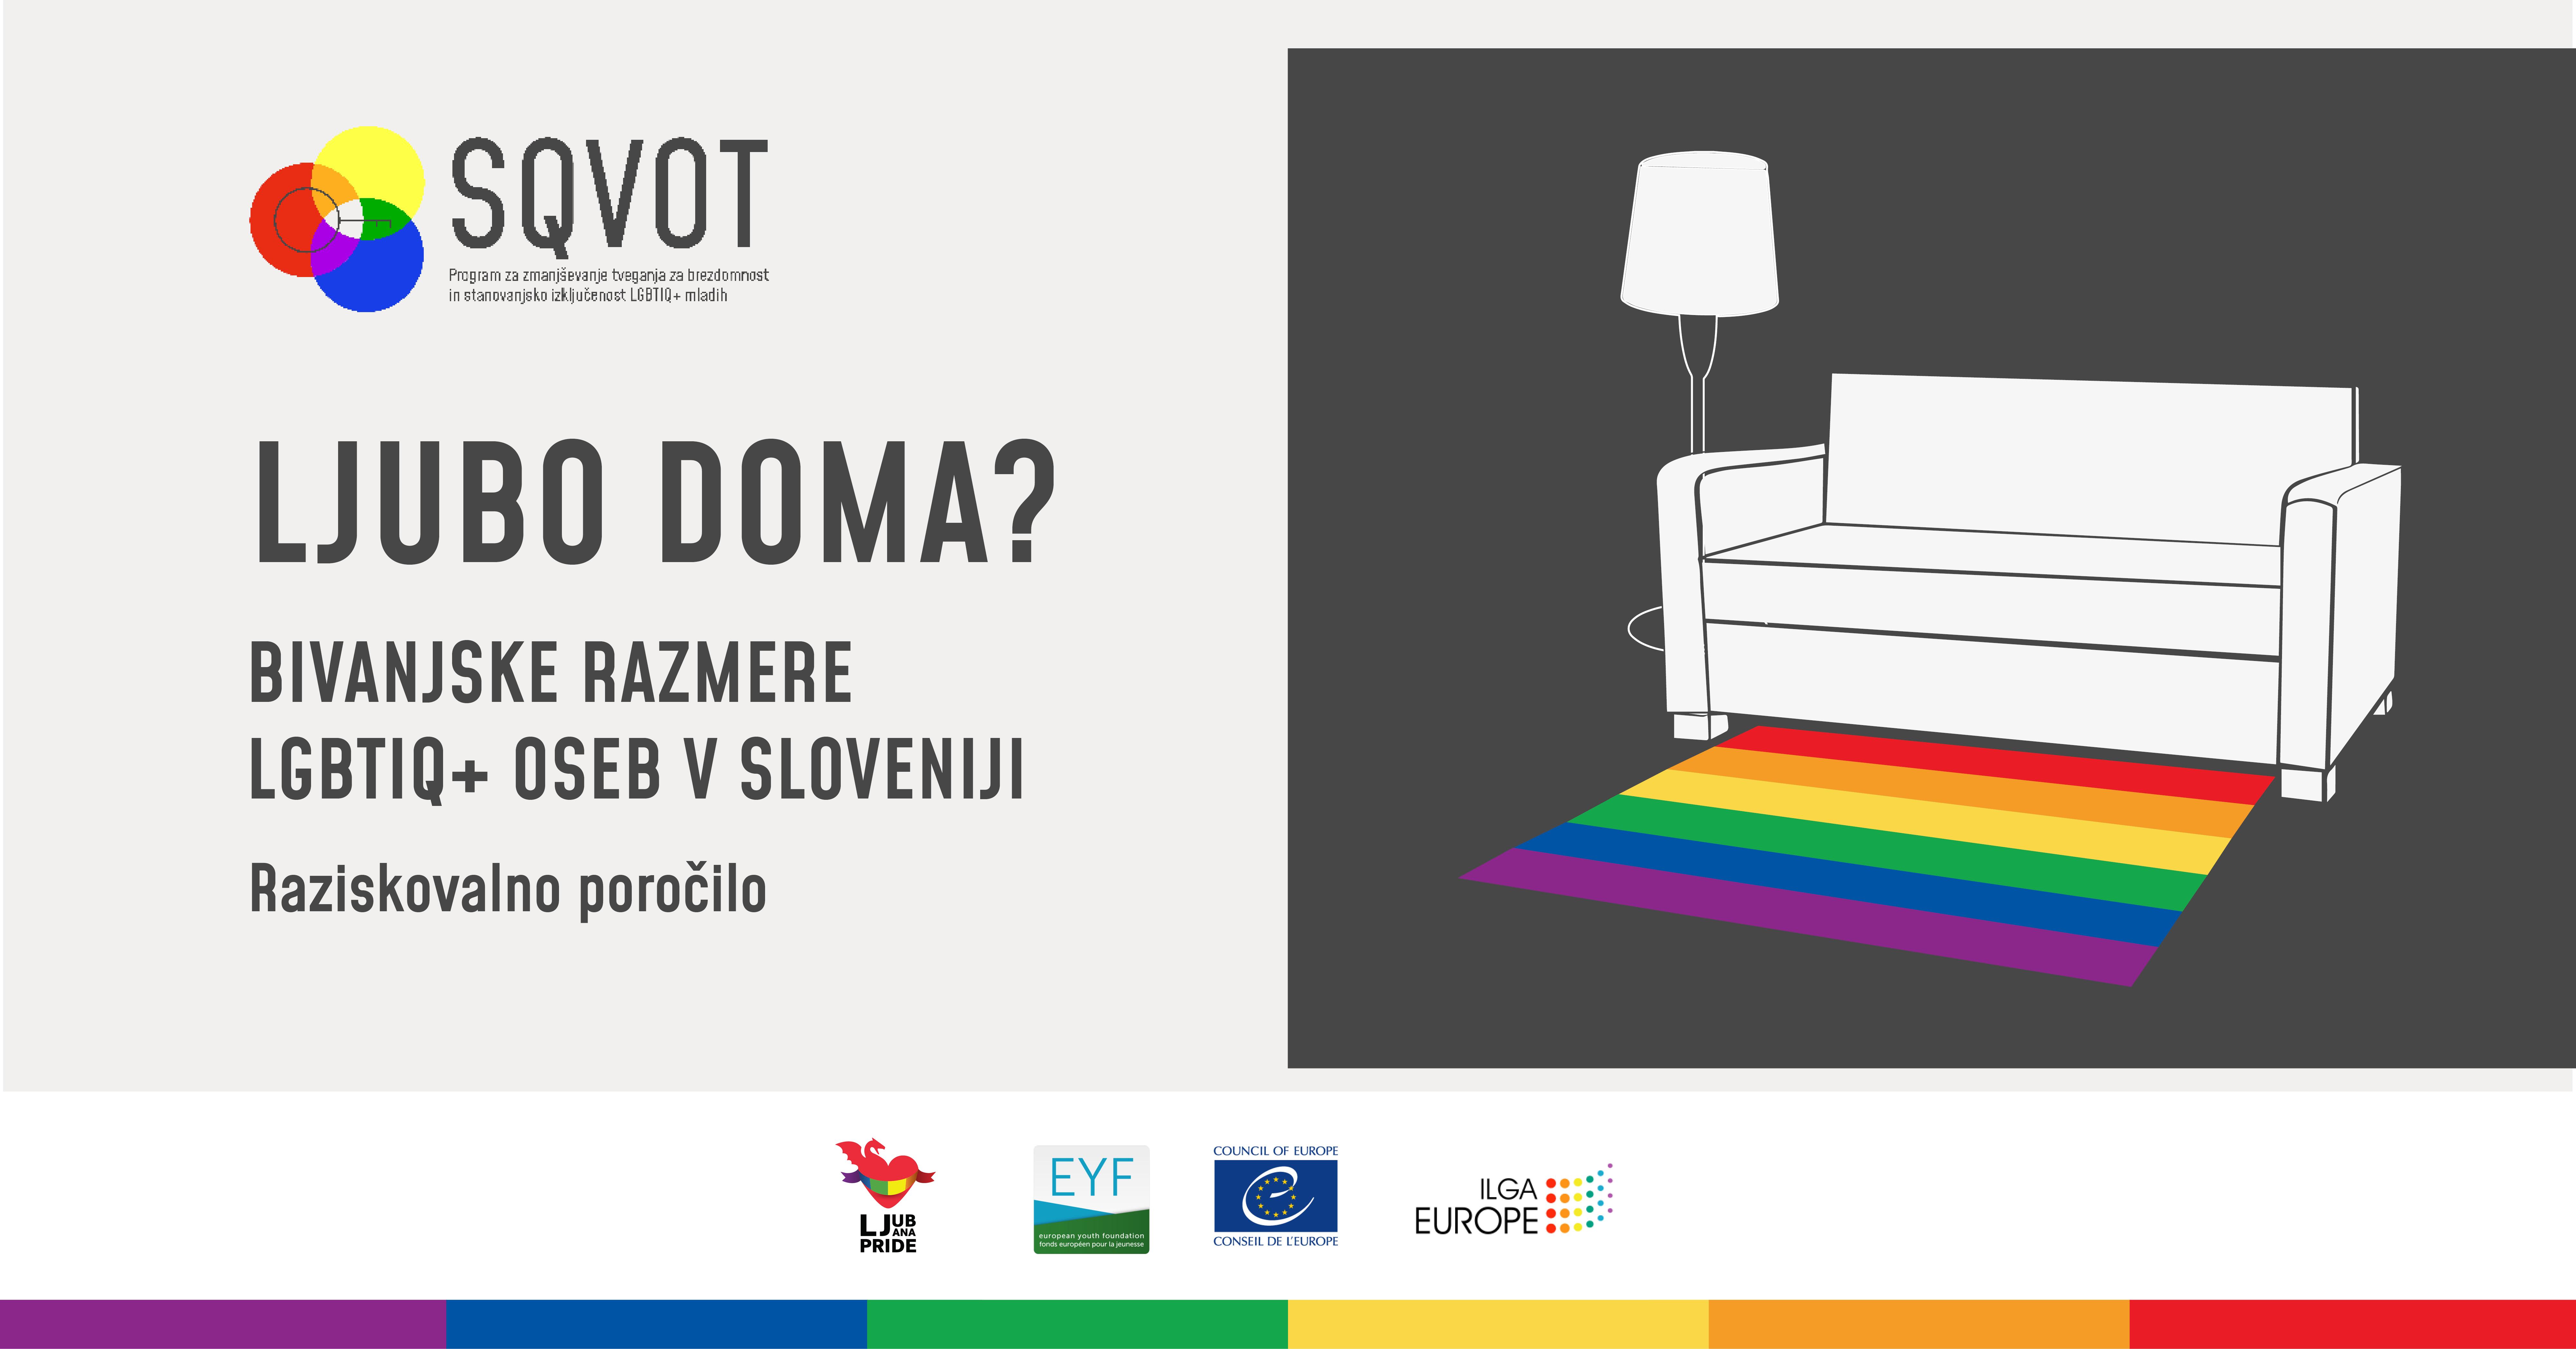 LJUBO DOMA? - Bivanjske razmereLGBTIQ+ oseb v Sloveniji